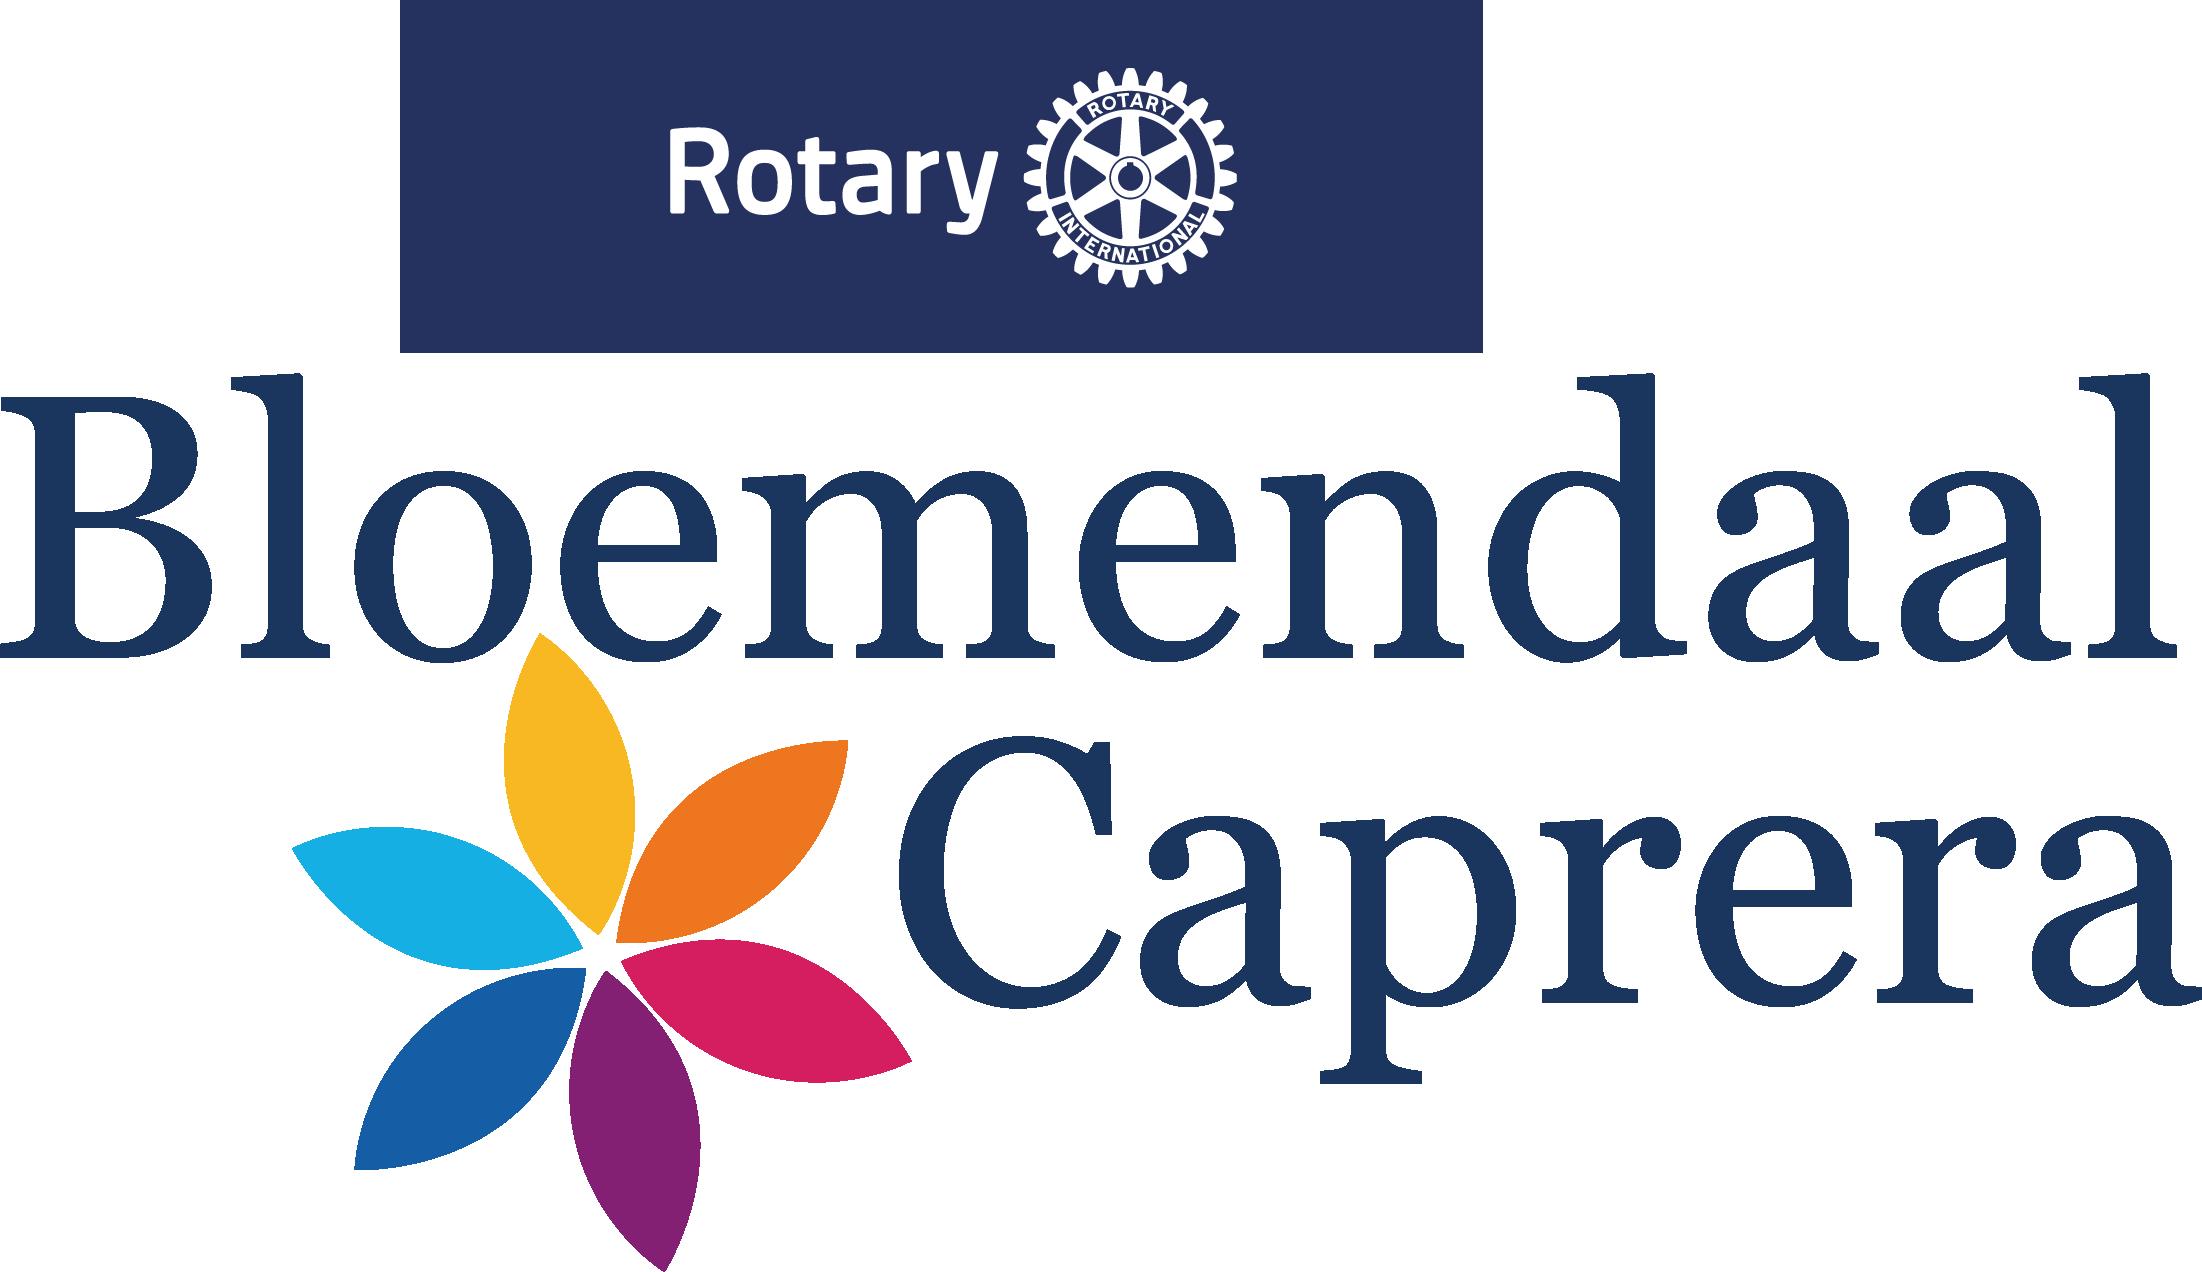 Rotary Bloemendaal Caprera